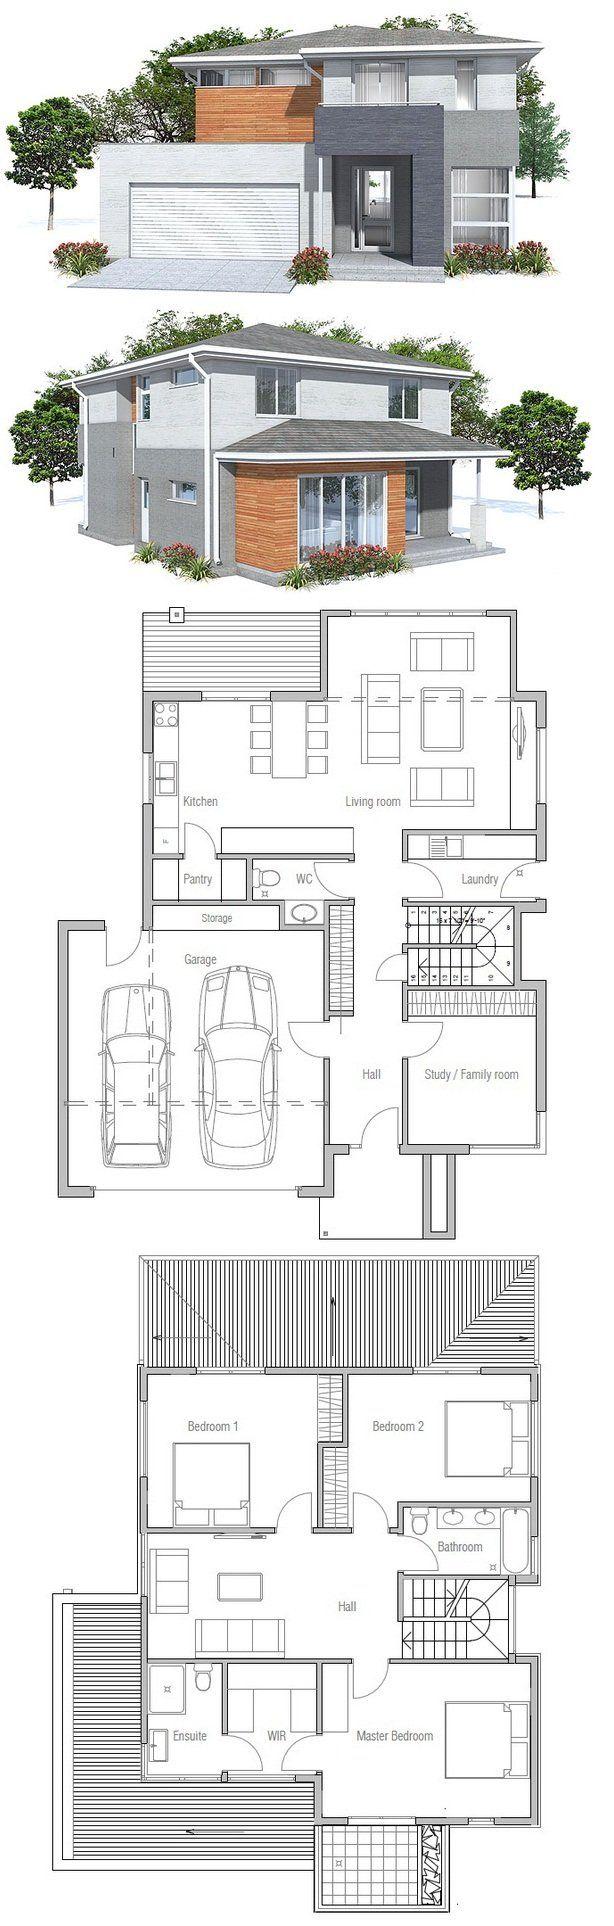 K che esszimmer wohnzimmer aufteilung hnliche tolle - Esszimmer wohnzimmer aufteilung ...